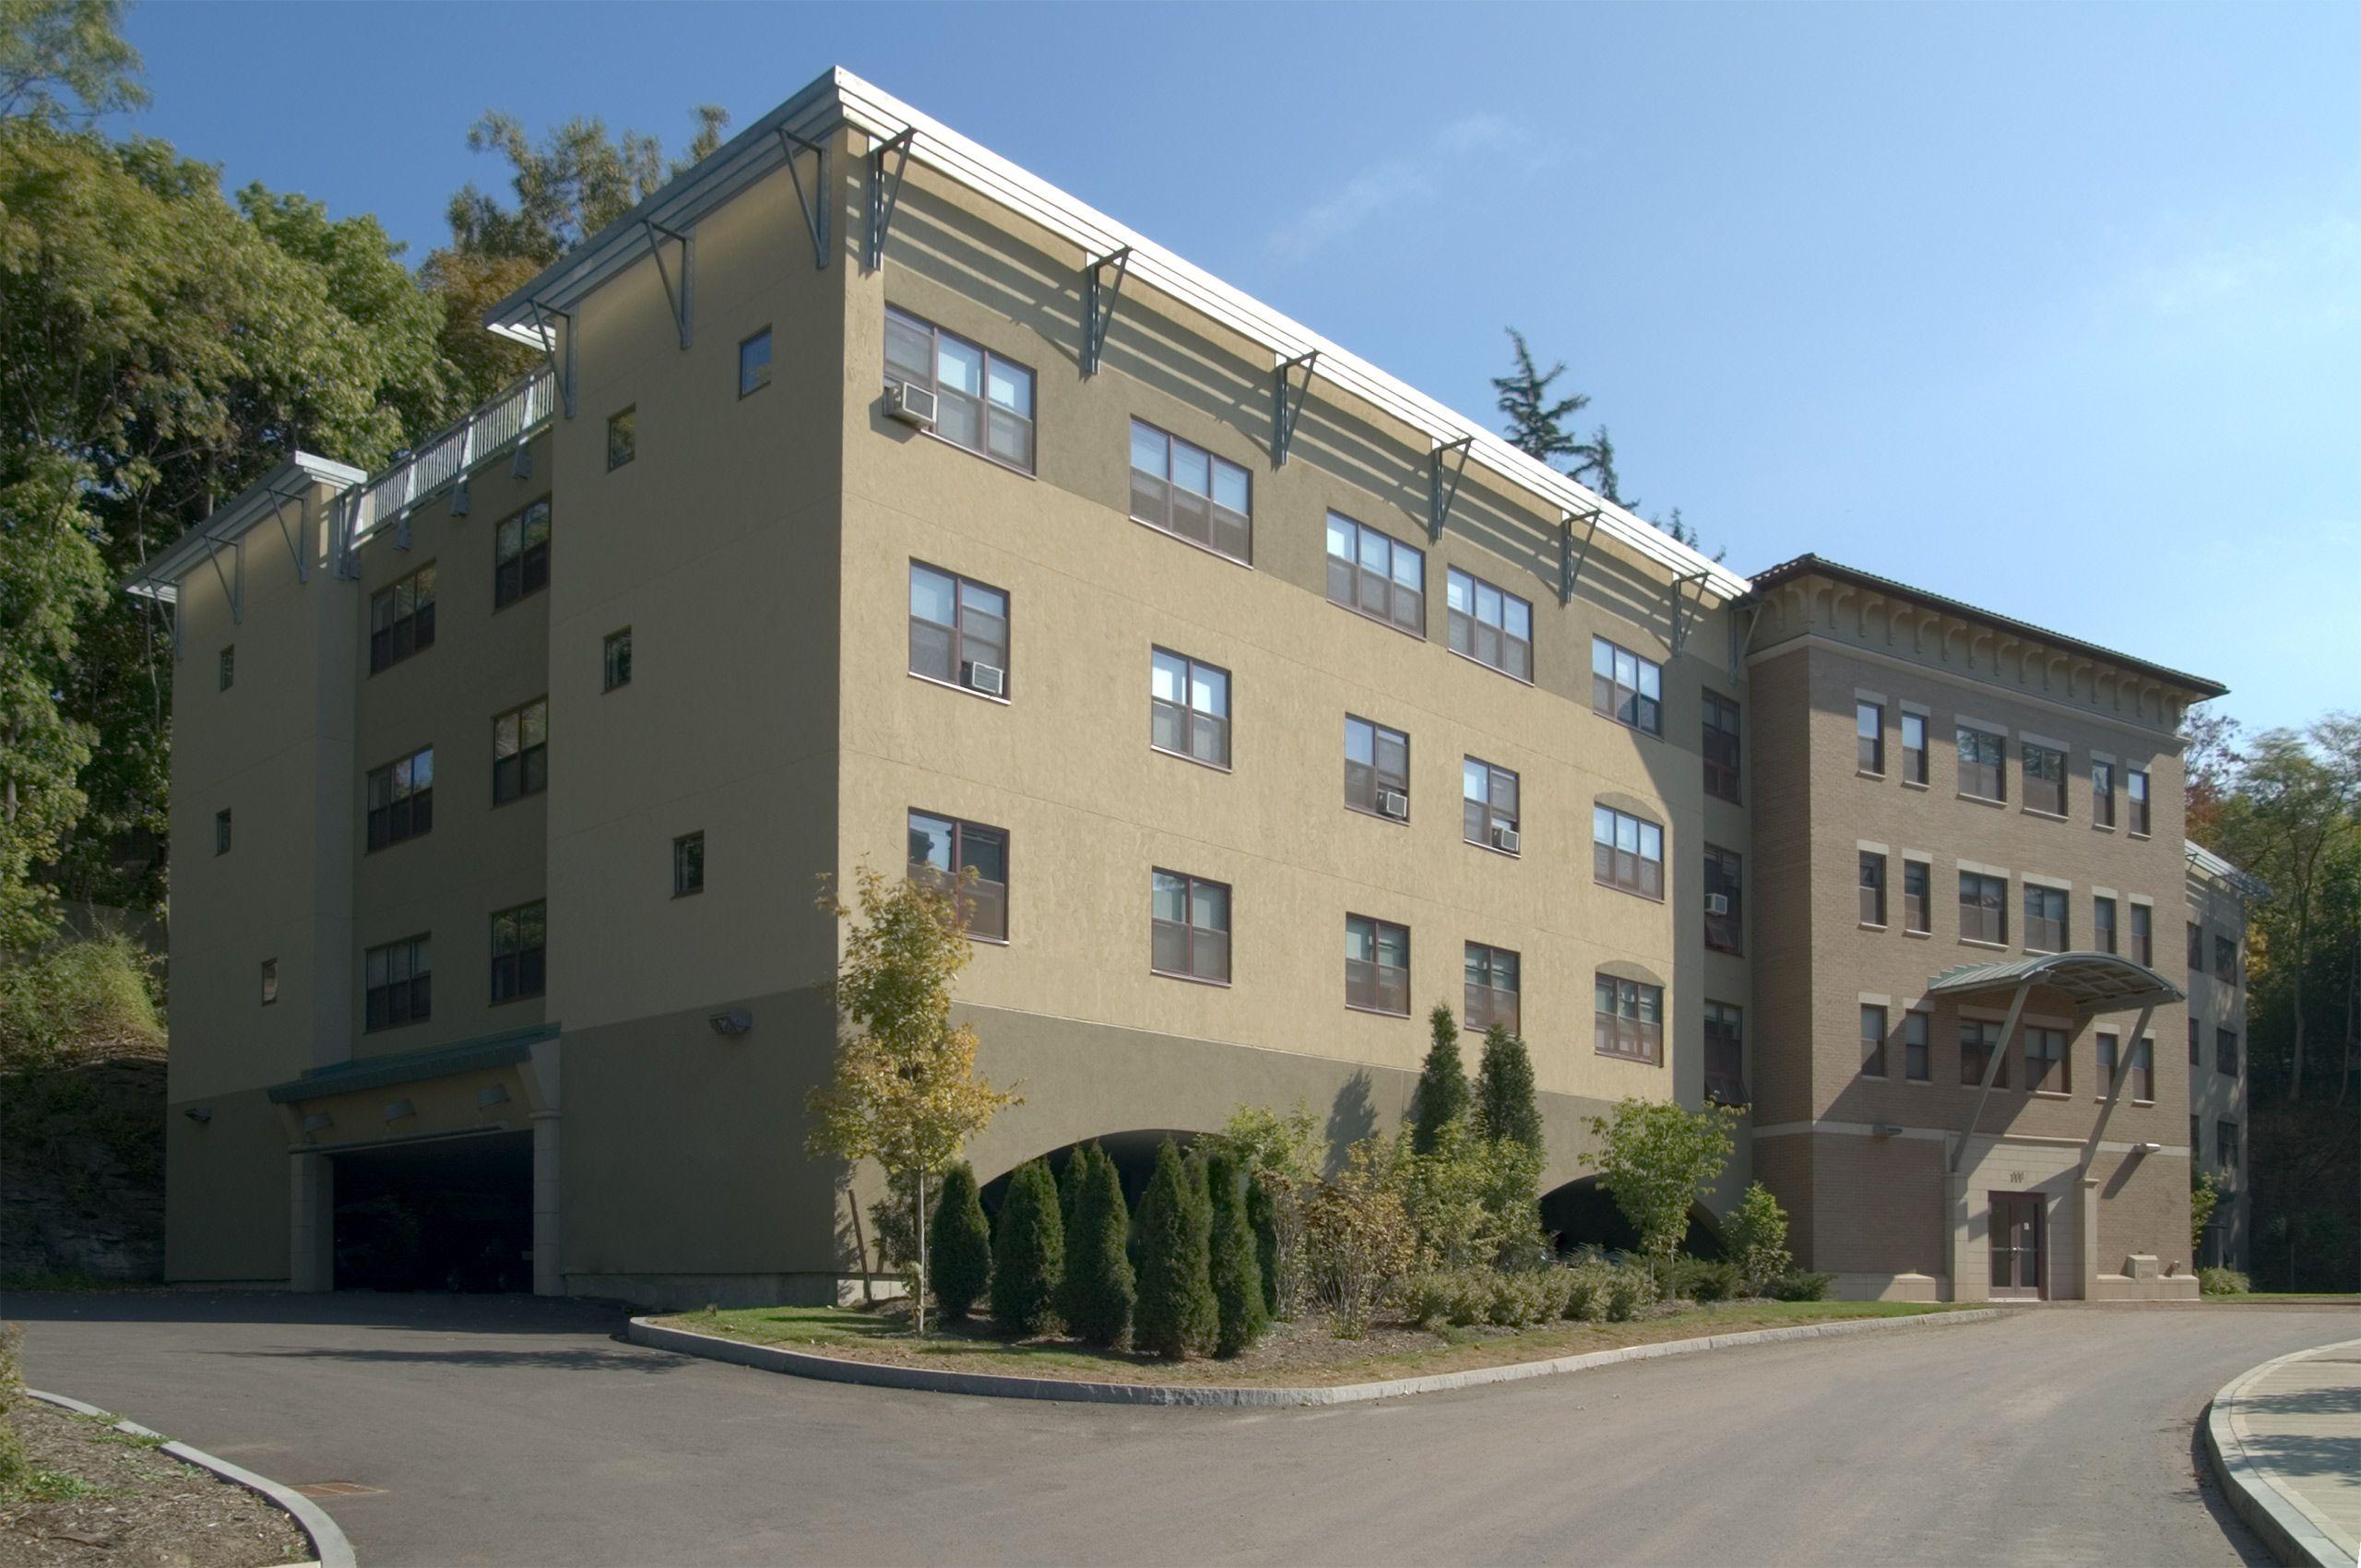 Casa Roma Apartments, Ithaca, NY